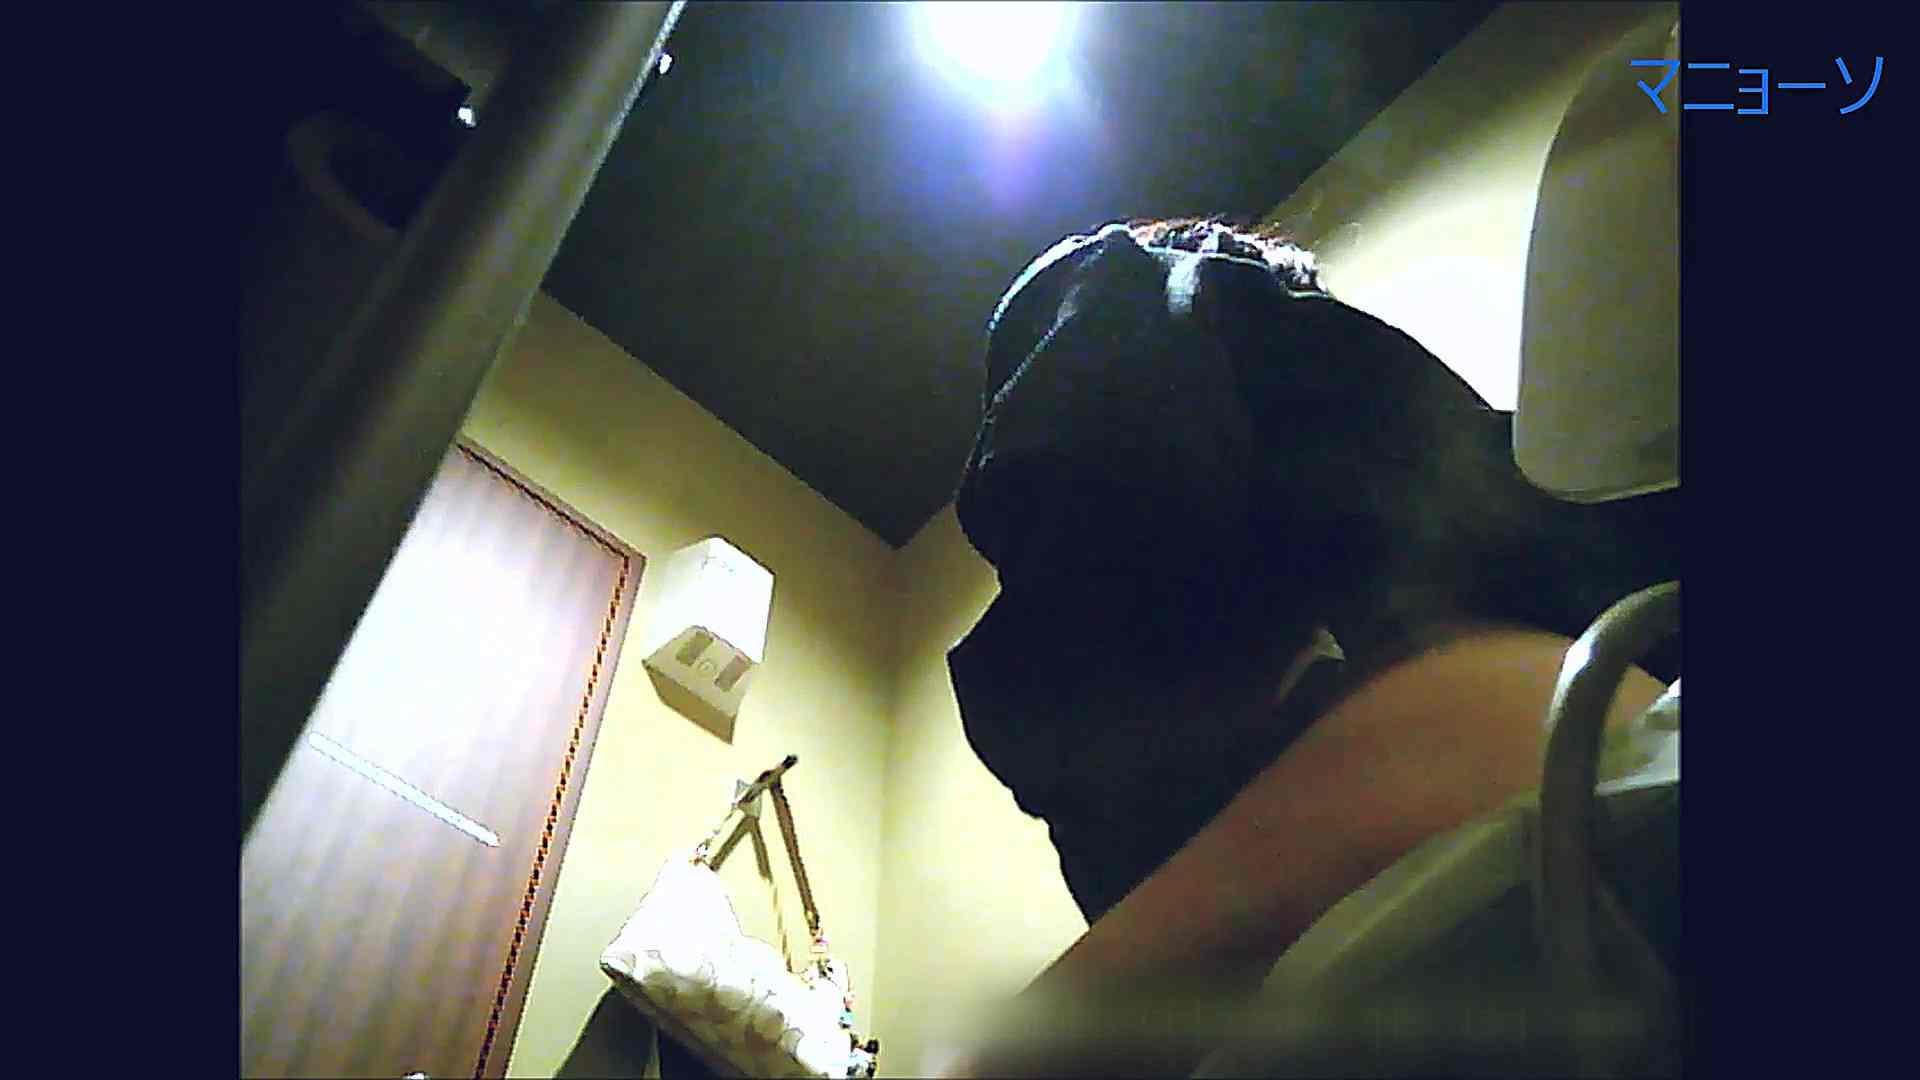 トイレでひと肌脱いでもらいました (OL編)Vol.14 盛合せ オメコ動画キャプチャ 109画像 45